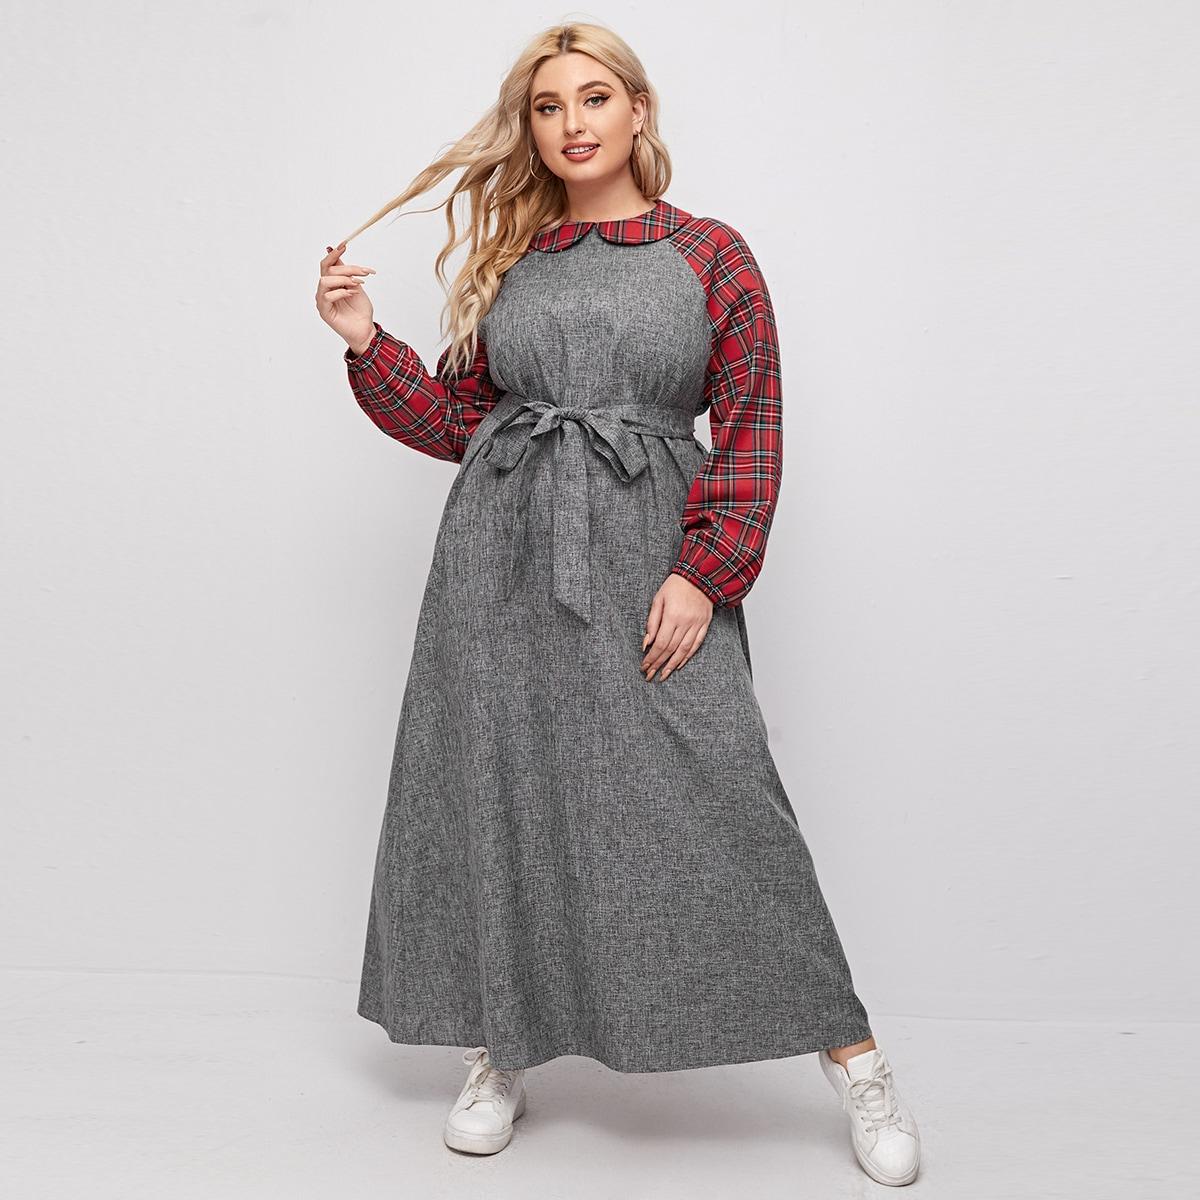 Оригинальное платье размера плюс с поясом